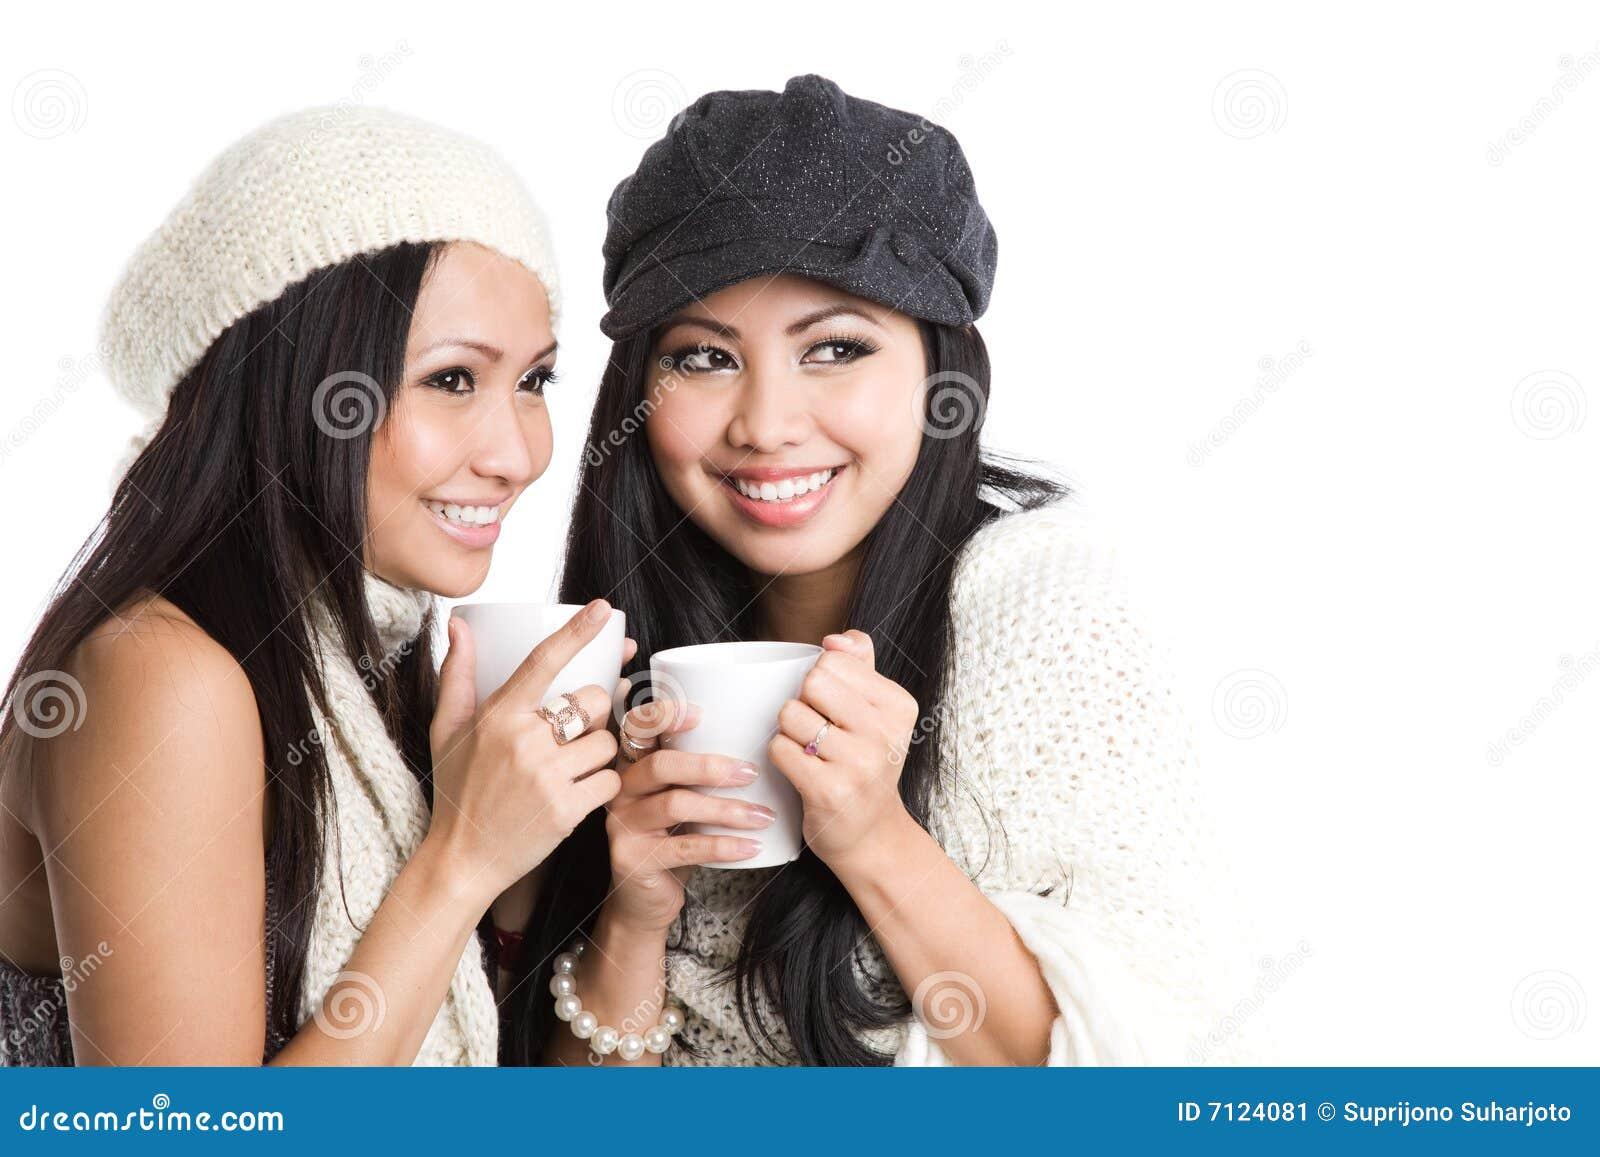 asiatische frauen die kaffee trinken stockbild bild 7124081. Black Bedroom Furniture Sets. Home Design Ideas